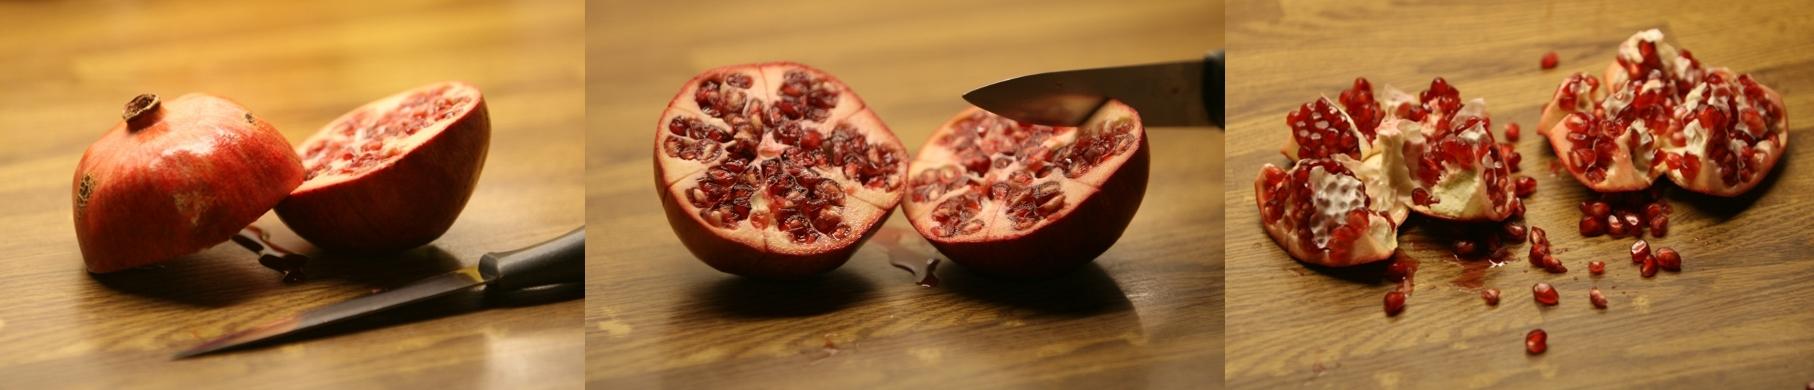 granaatappels ontpitten